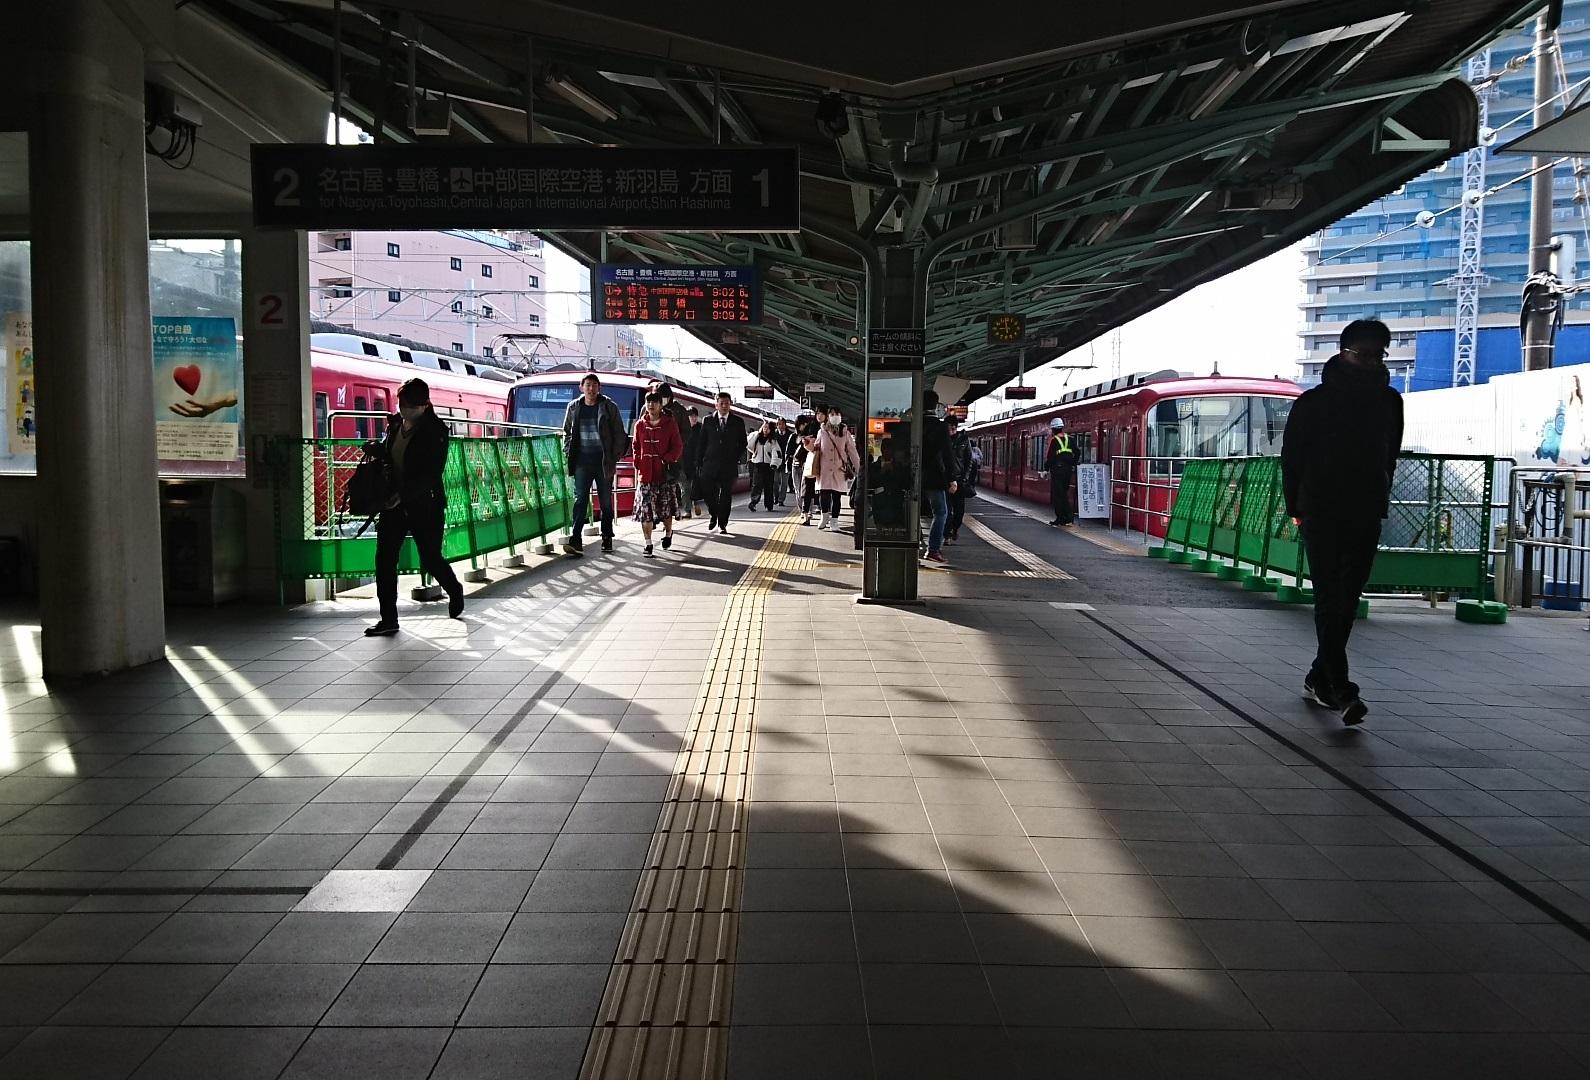 2018.2.19 岐阜 (108) 岐阜 - ホーム 1590-1080